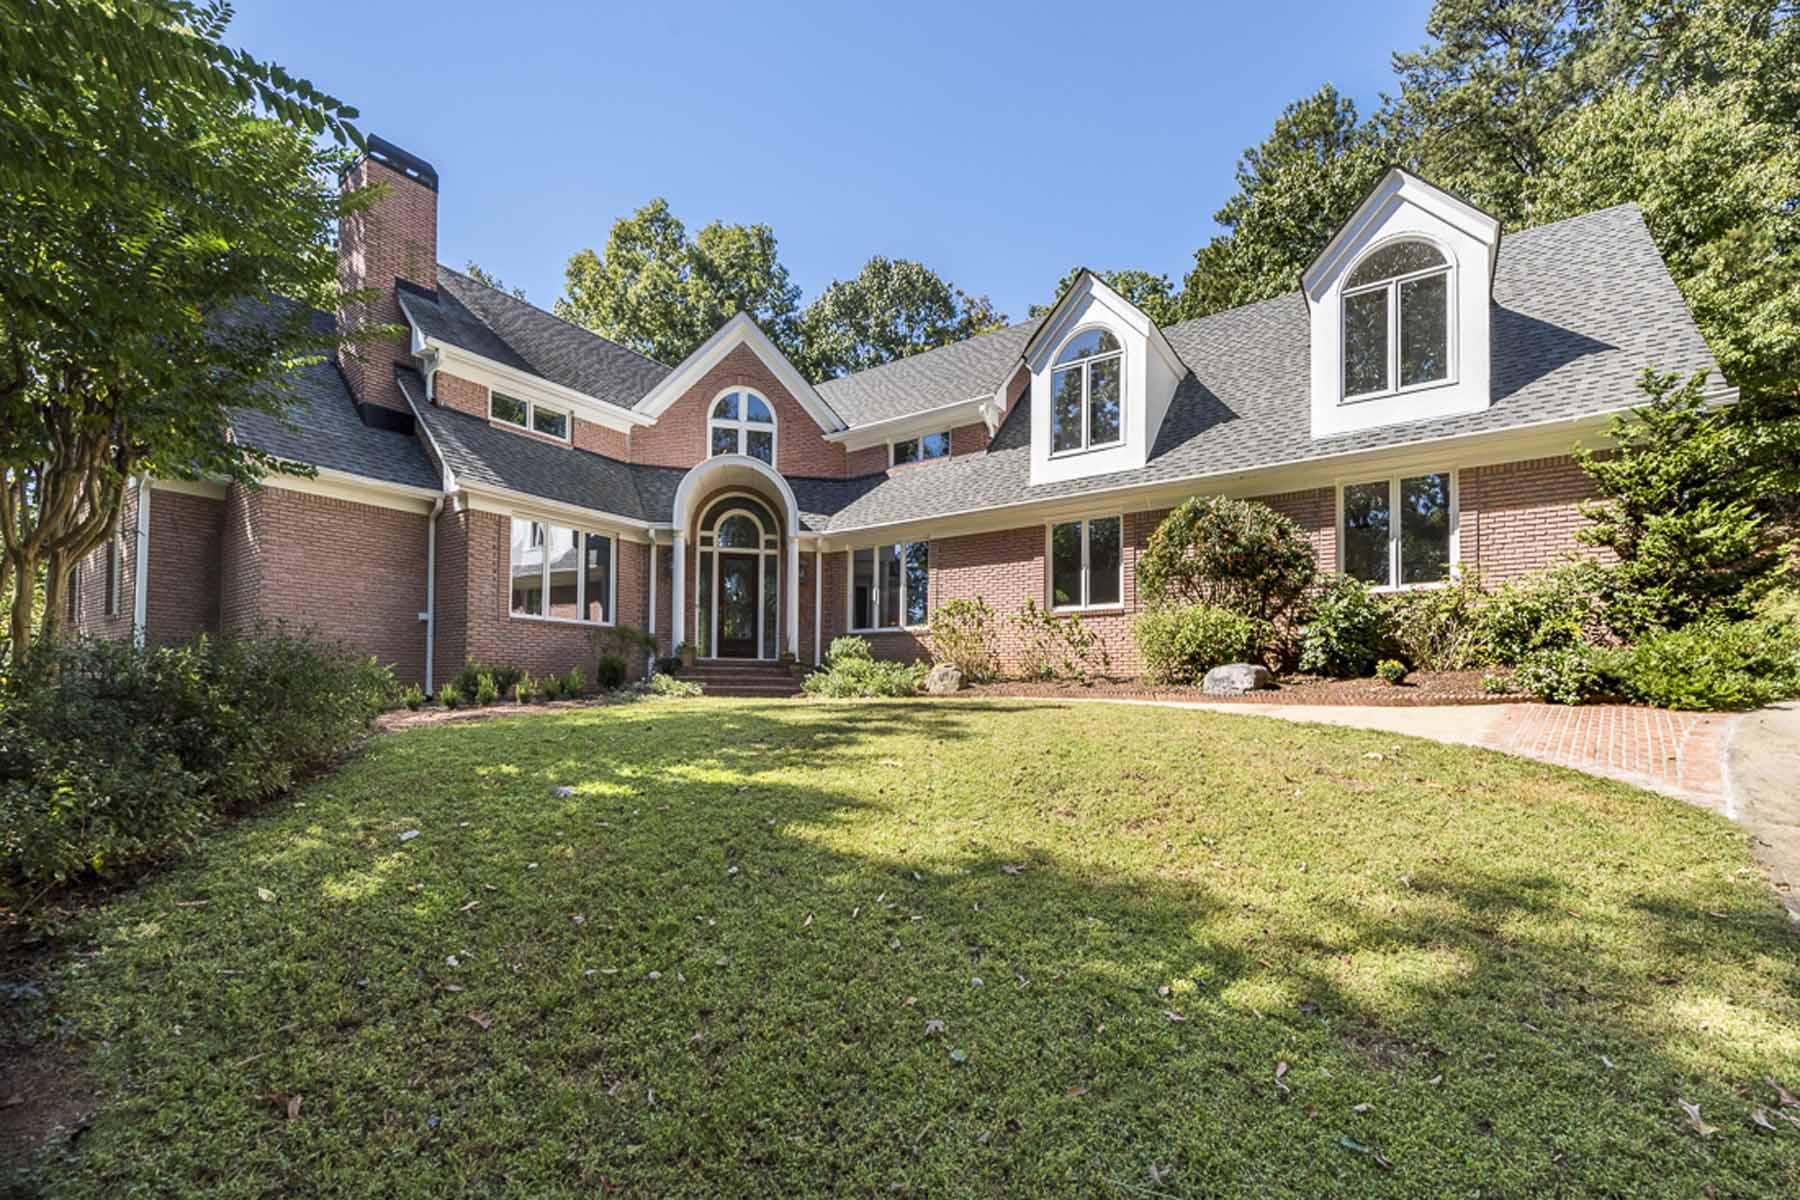 Maison unifamiliale pour l Vente à Gated Retreat 4910 Spruce Bluff Drive Sandy Springs, Georgia, 30350 États-Unis